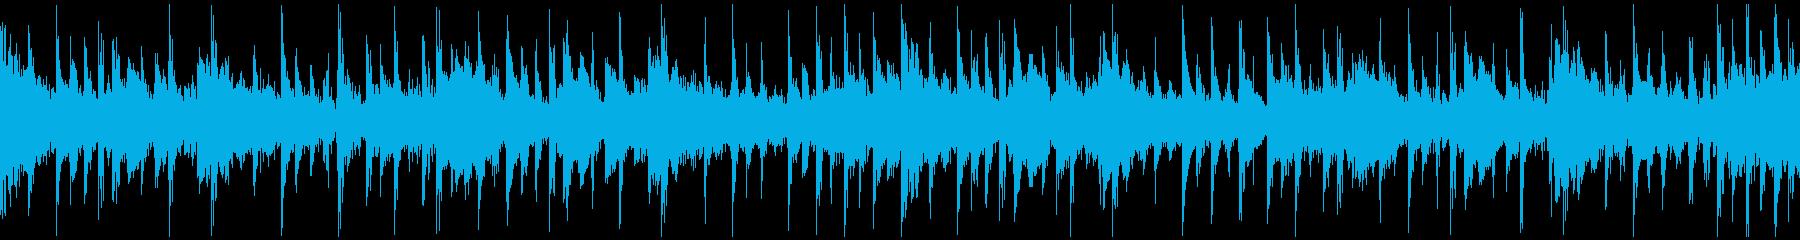 ピアノの切なく綺麗なメロディBGMループの再生済みの波形